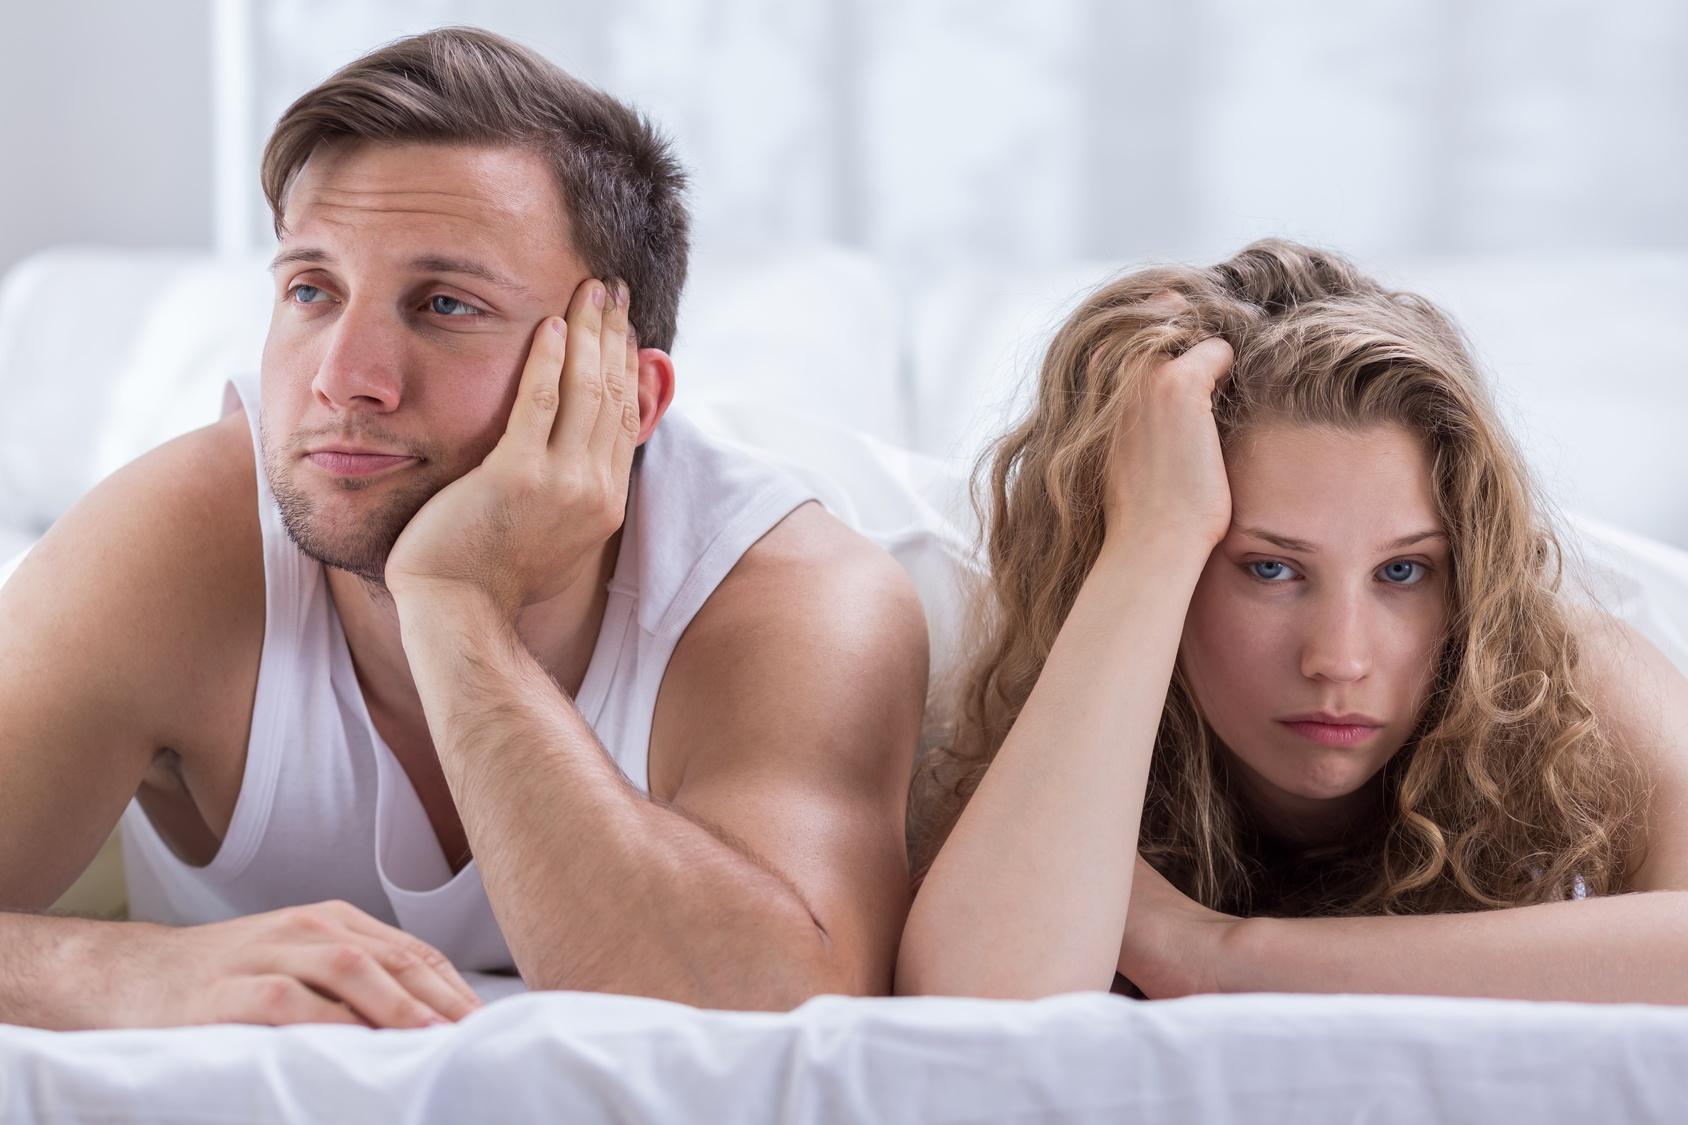 Cómo afectan los problemas de erección en la pareja